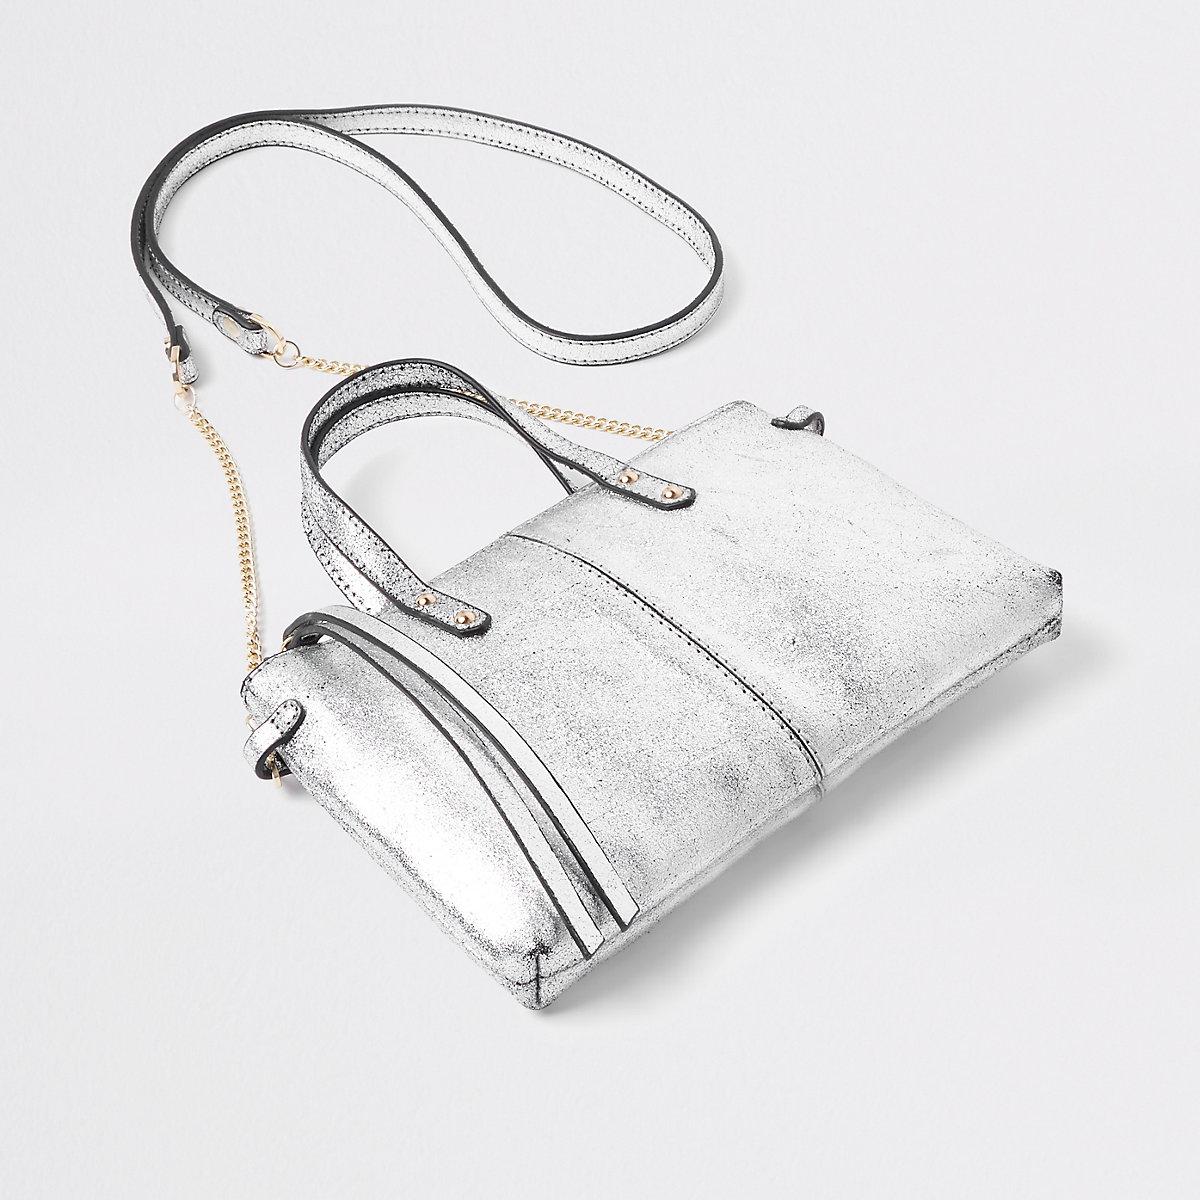 Silver metallic leather cross body mini bag